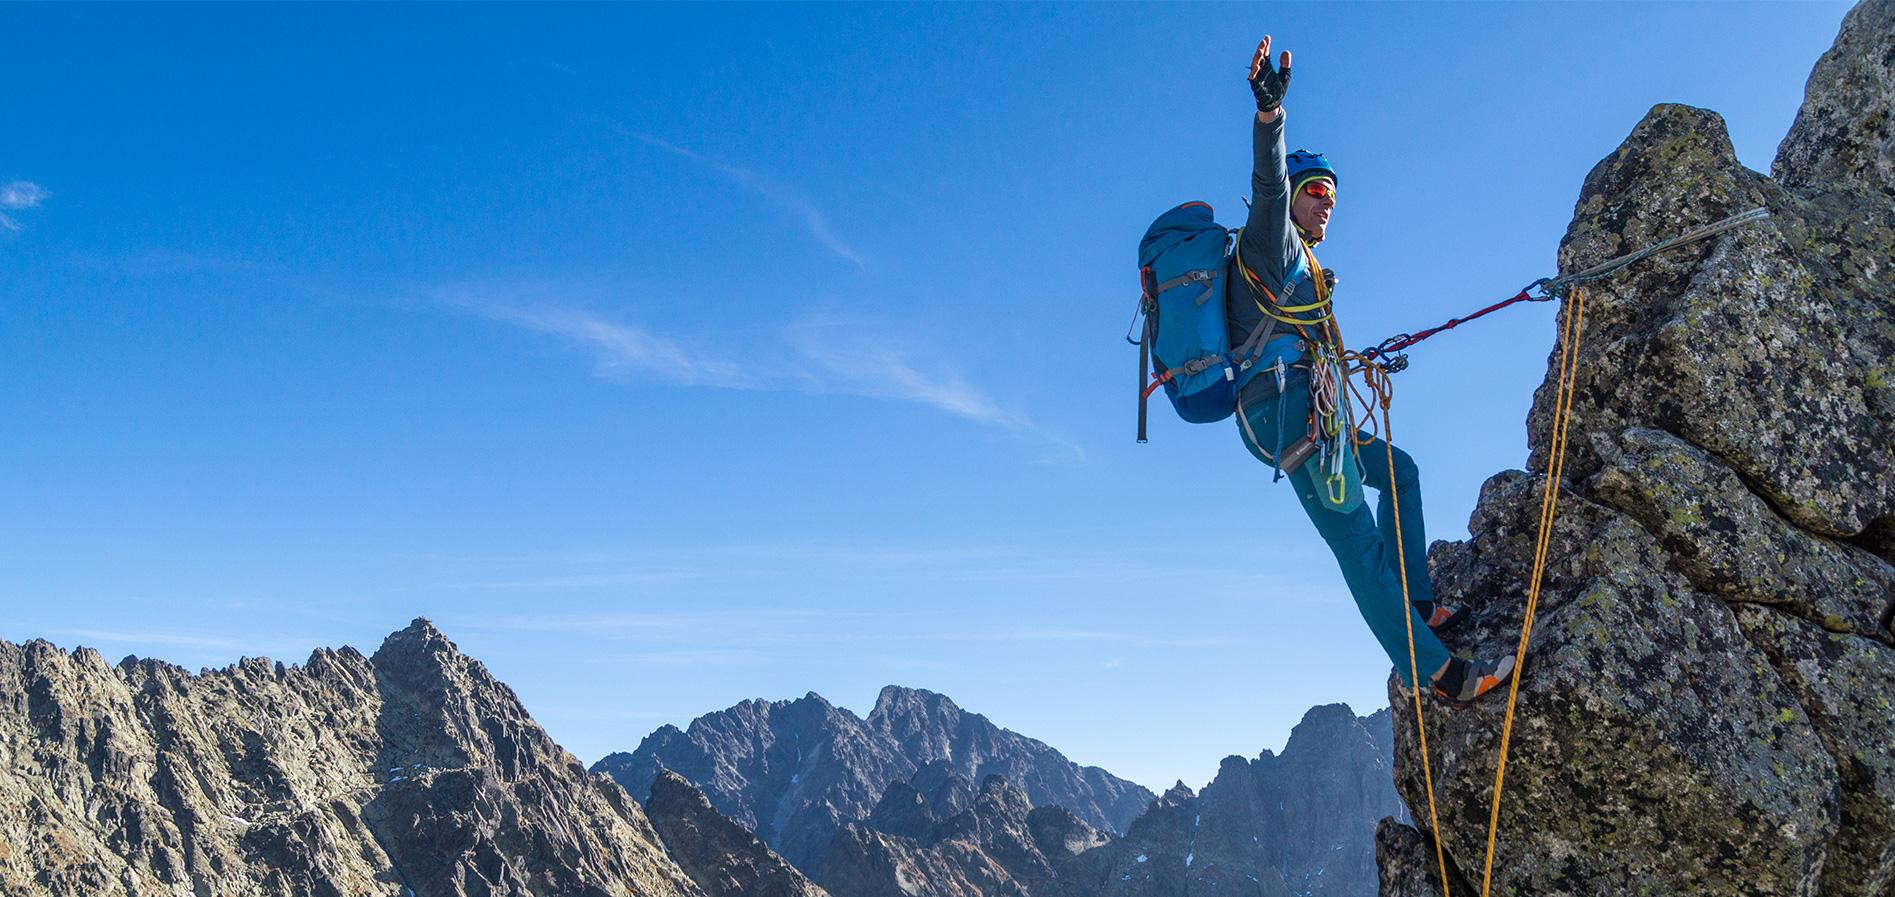 Zacznij wspinać się w górach KURSY TATERNICKIE